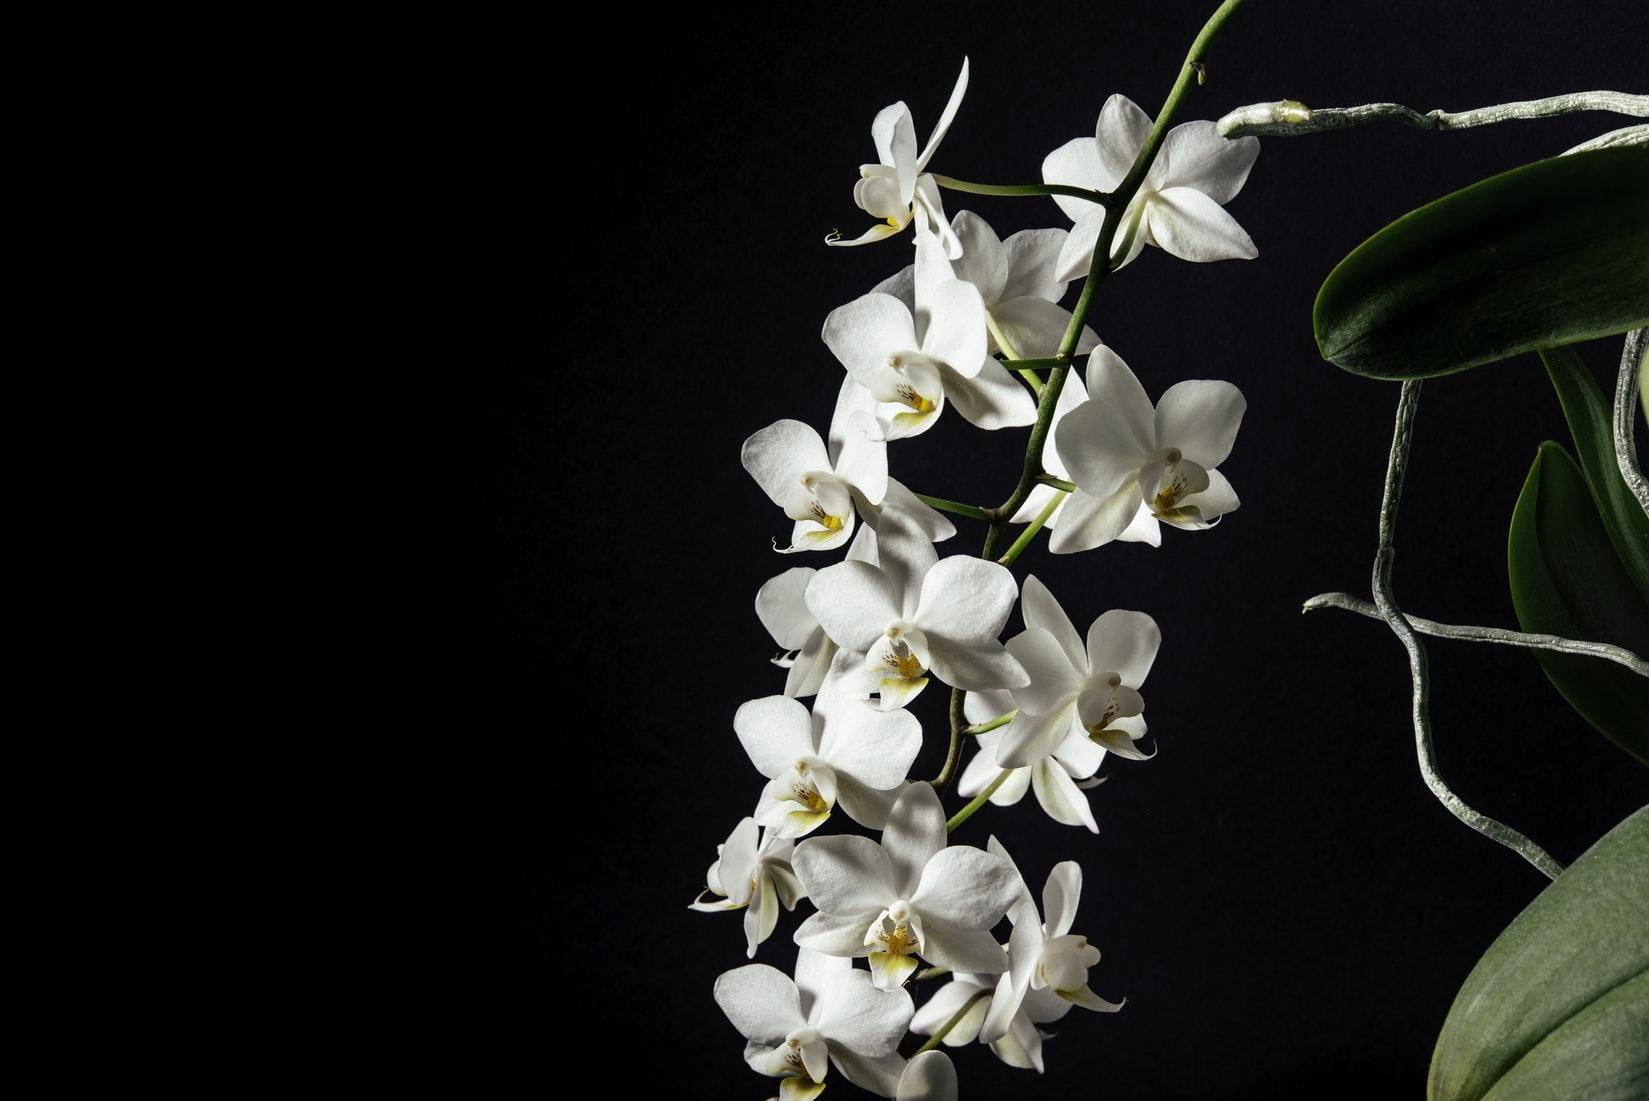 Hình ảnh nhánh hoa Lan đẹp